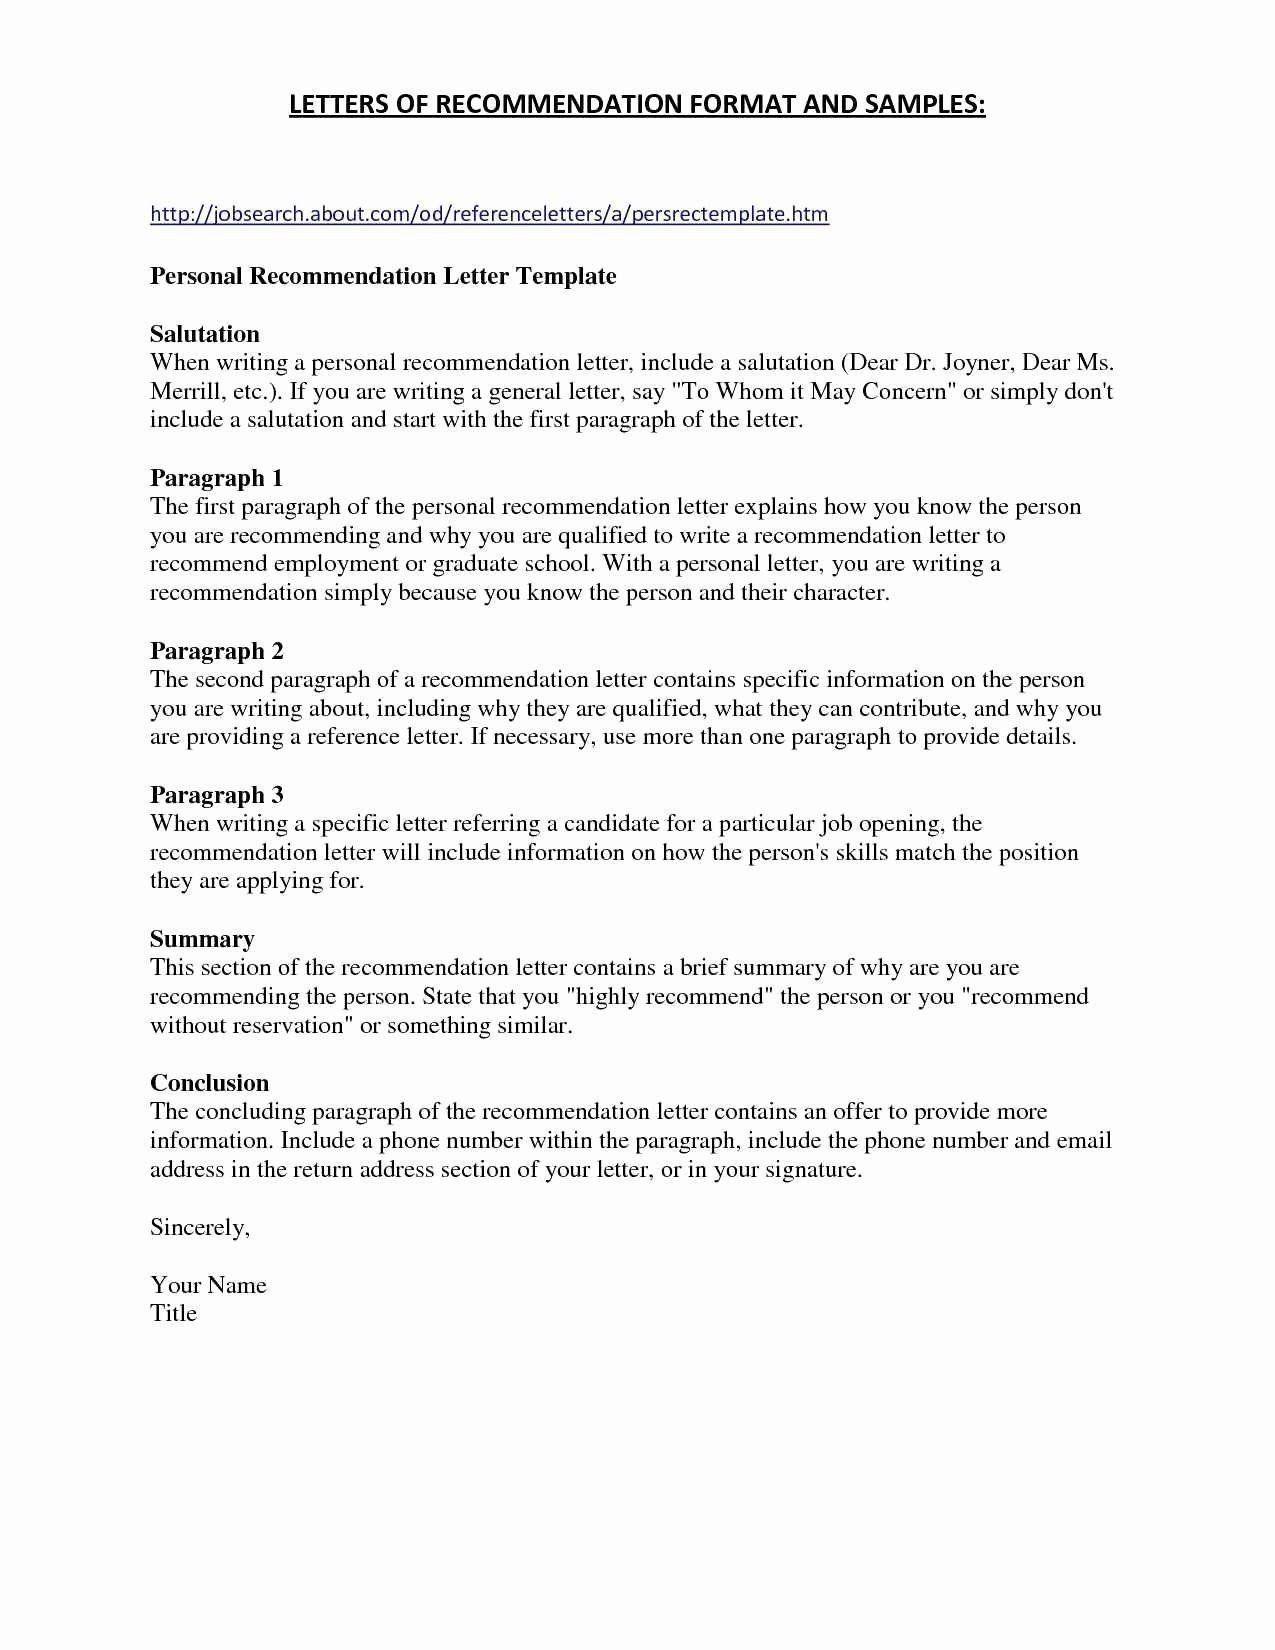 Bank teller resume sample resume template bank teller